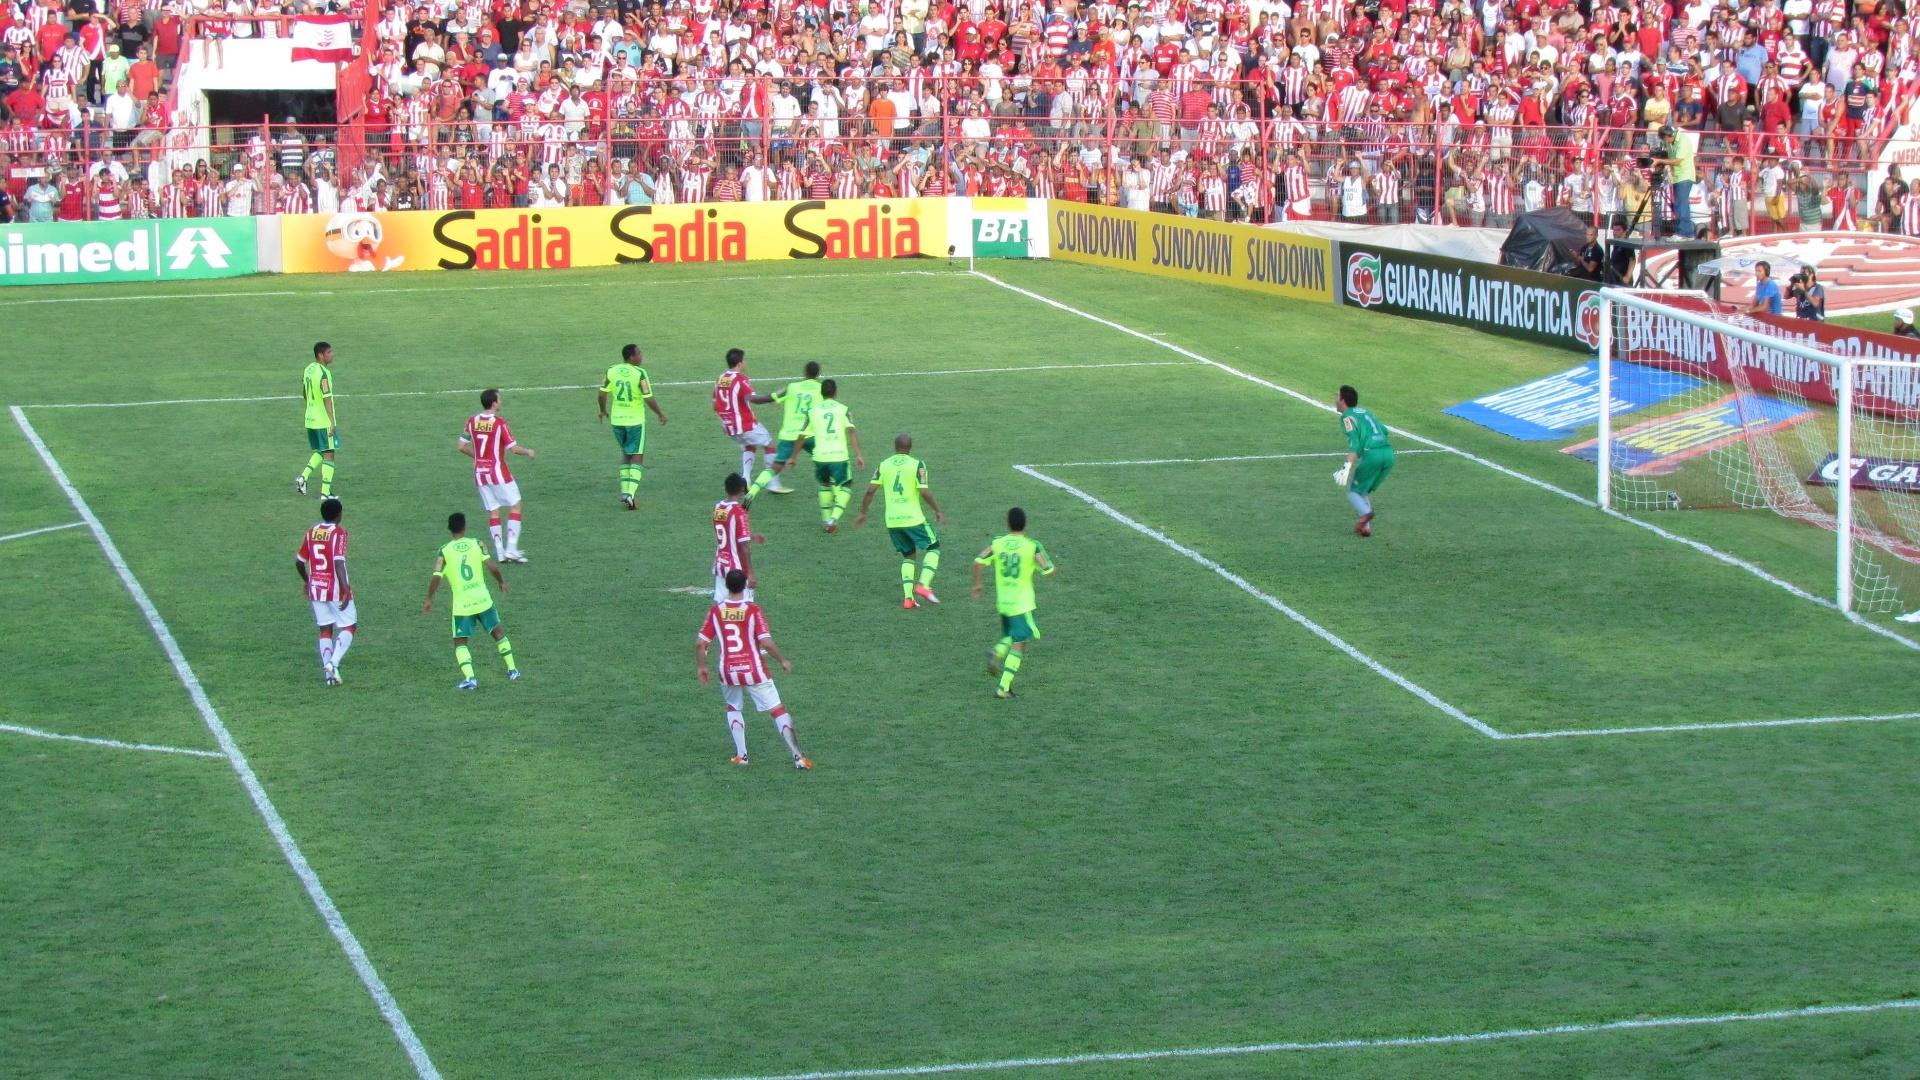 Náutico tenta cruzamento para dentro da área do Palmeiras, mas Bruno consegue segurar a bola